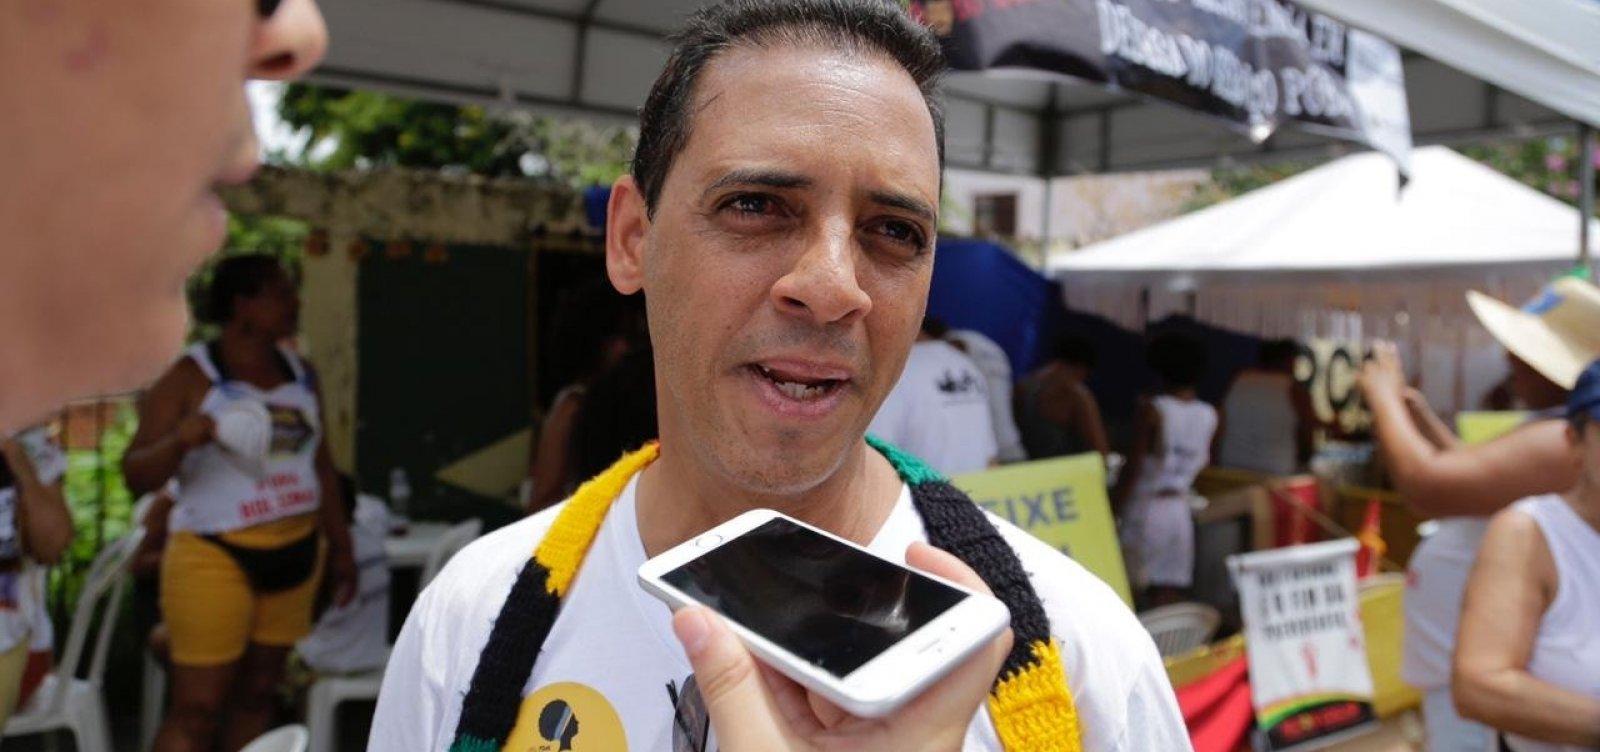 ['Direção do PSOL ficou estupefata', diz Hilton Coelho após sigla não conseguir reunião sobre caso Adriano]